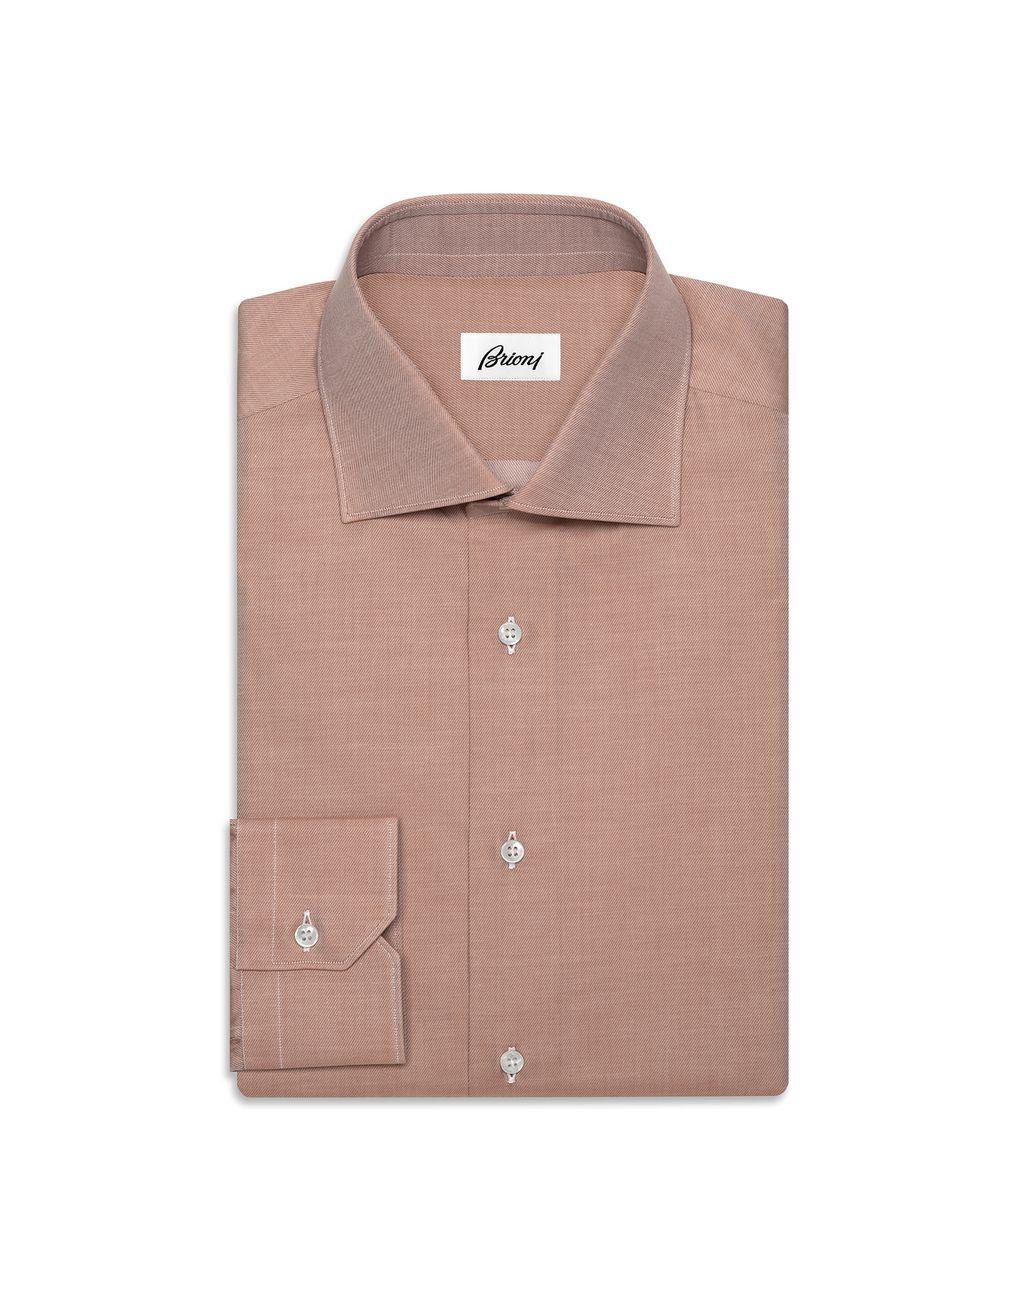 BRIONI Приталенная рубашка из твила цвета виски Классическая рубашка Для Мужчин f